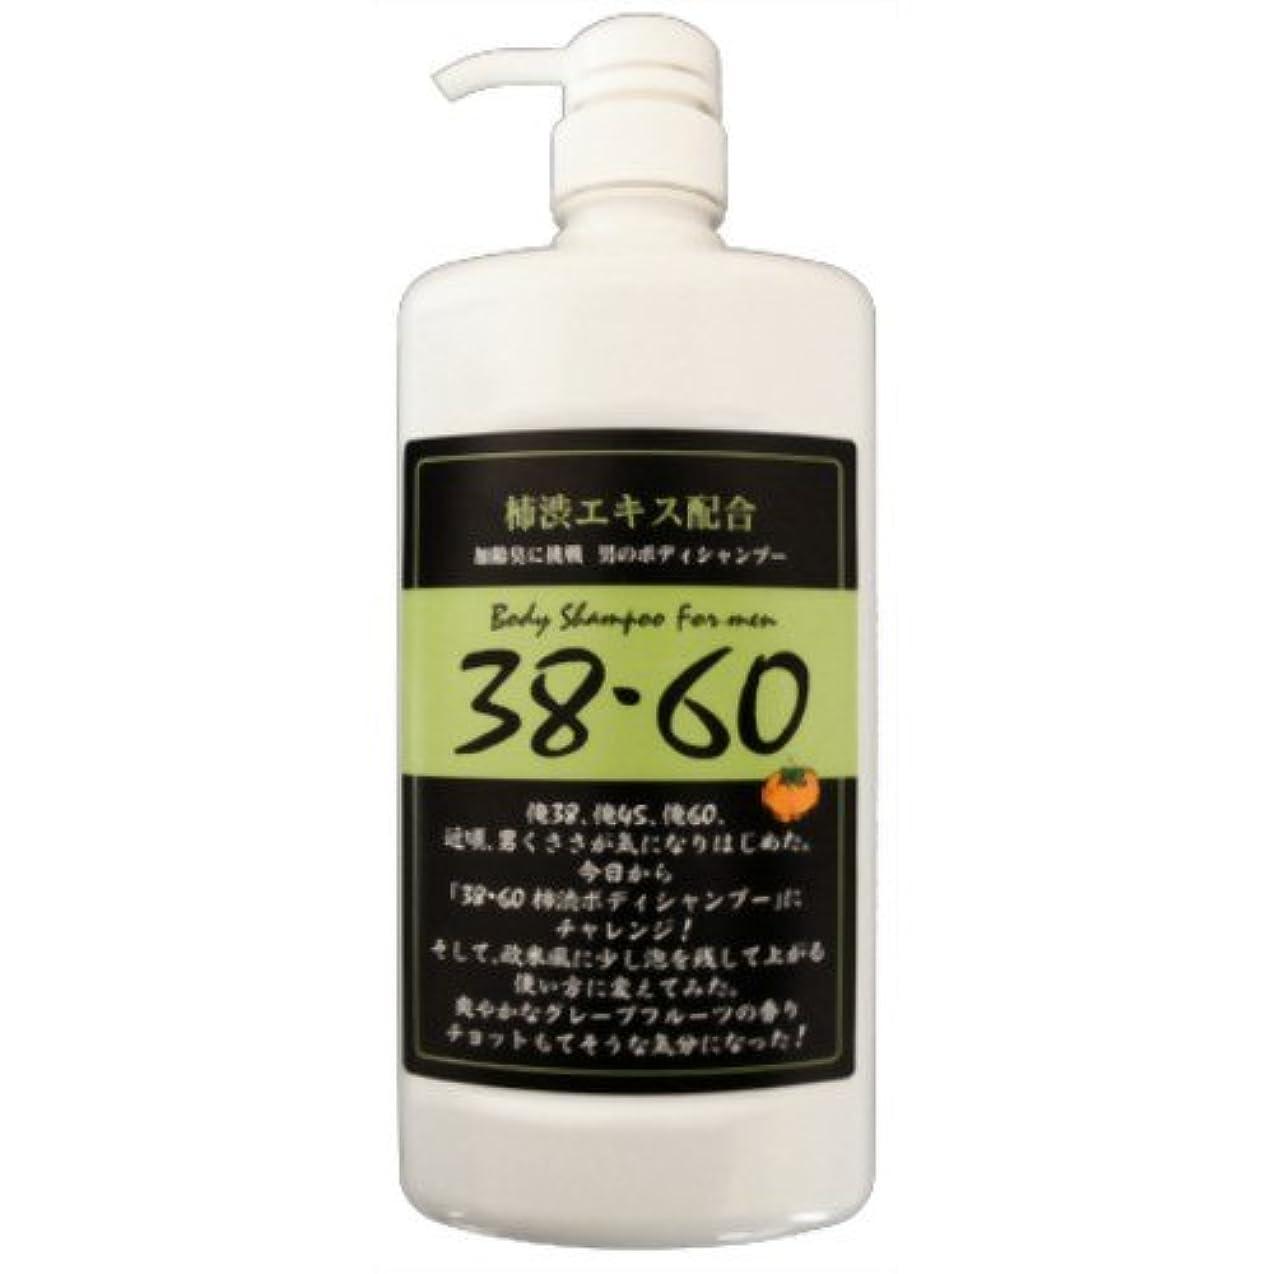 巨大なカタログドル38?60柿渋ボディシャンプー詰替1500ml